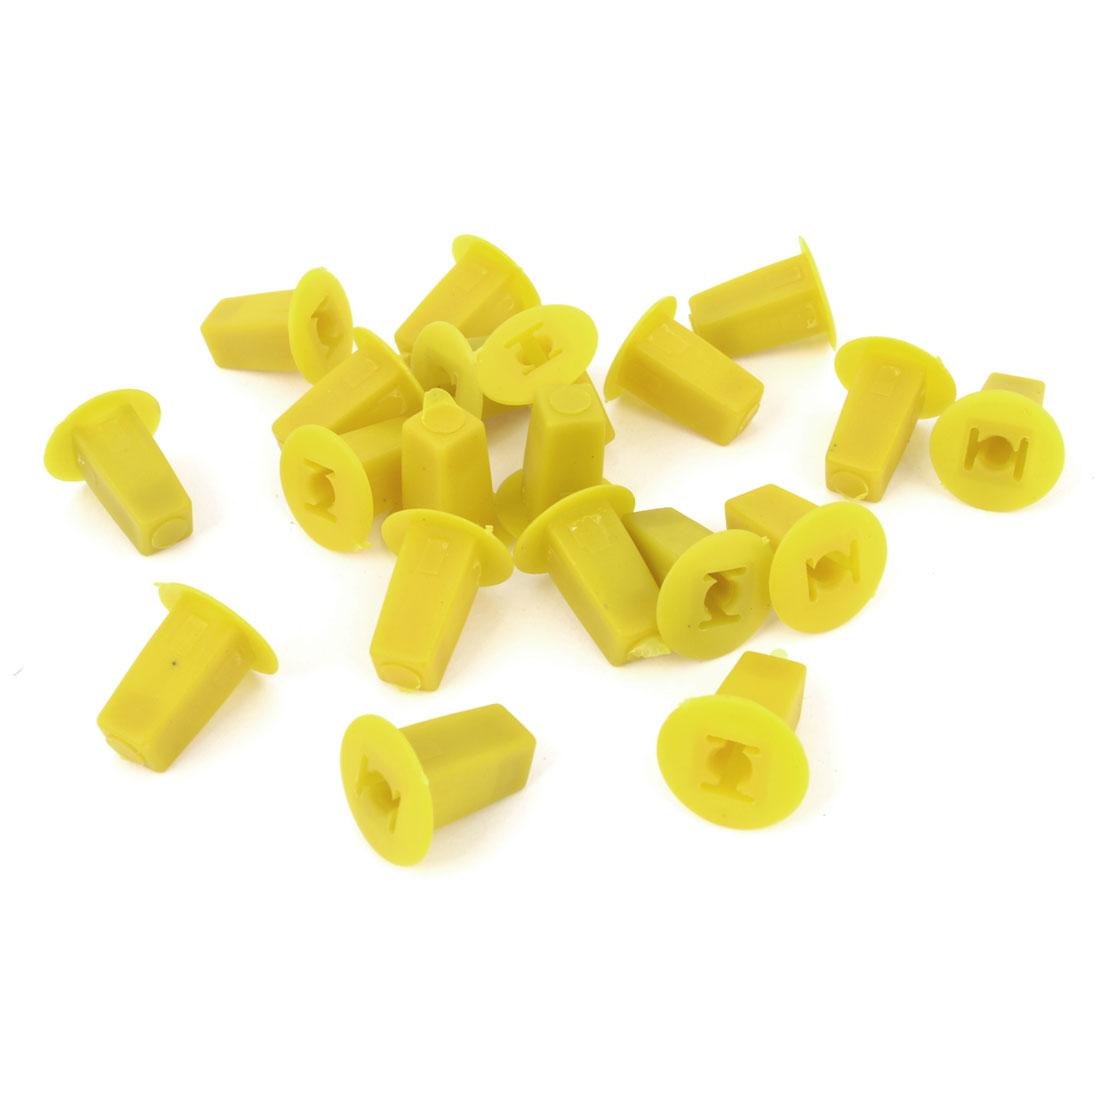 20Pcs Car Yellow Plastic Square Push Screw Rivet Fairing Panel Fixing Clips